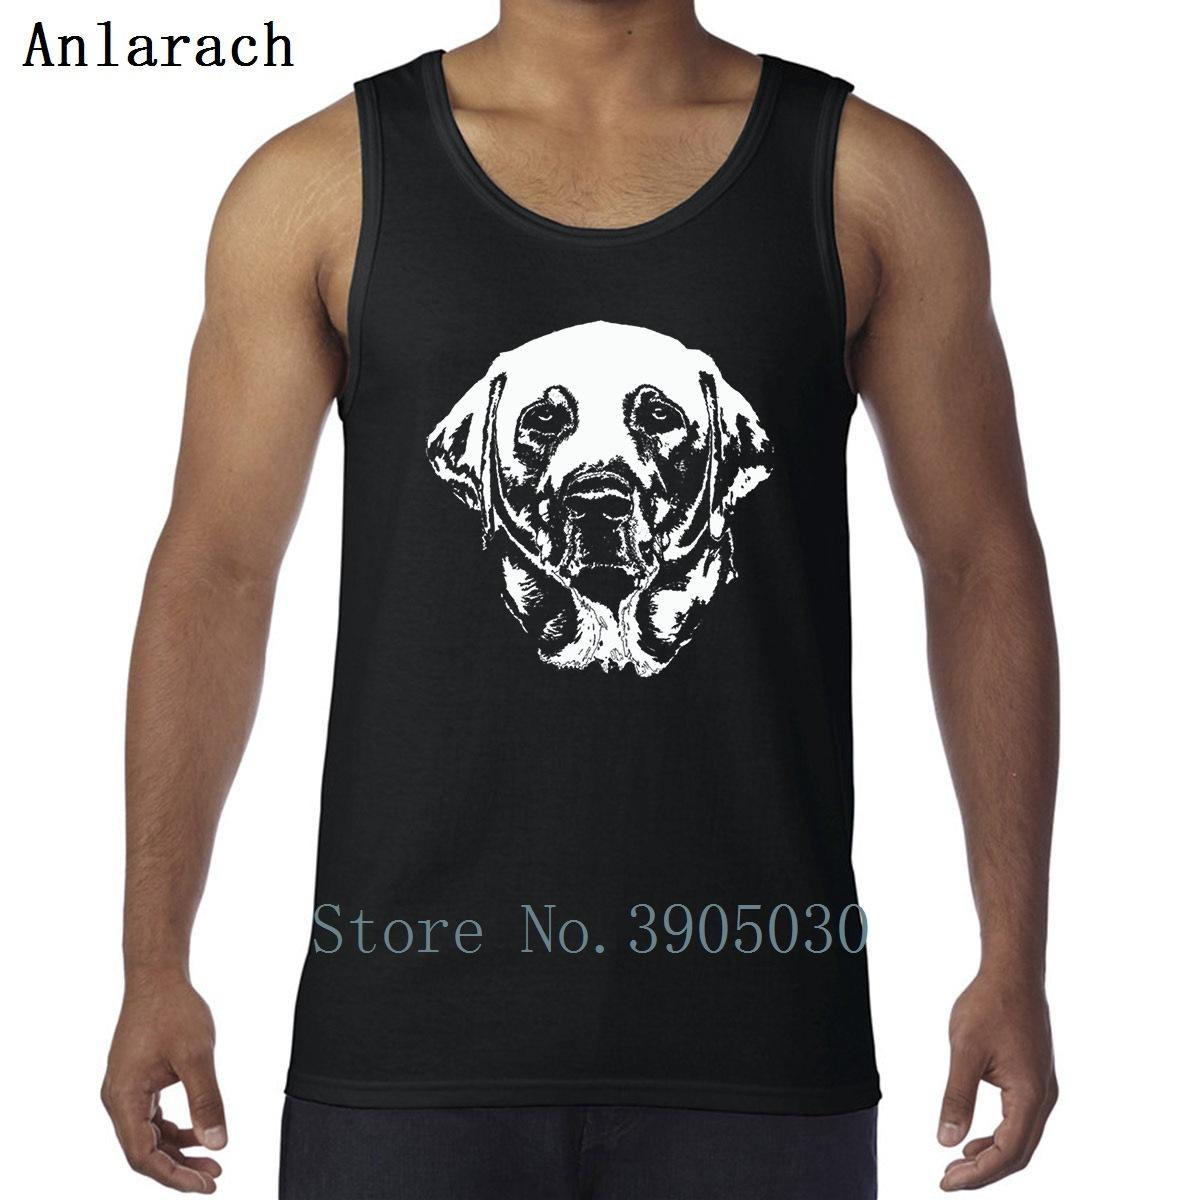 Labrador retriever chaleco moda estilo de verano ropa impresa hombre algodón camiseta simple novedad anlarach homme